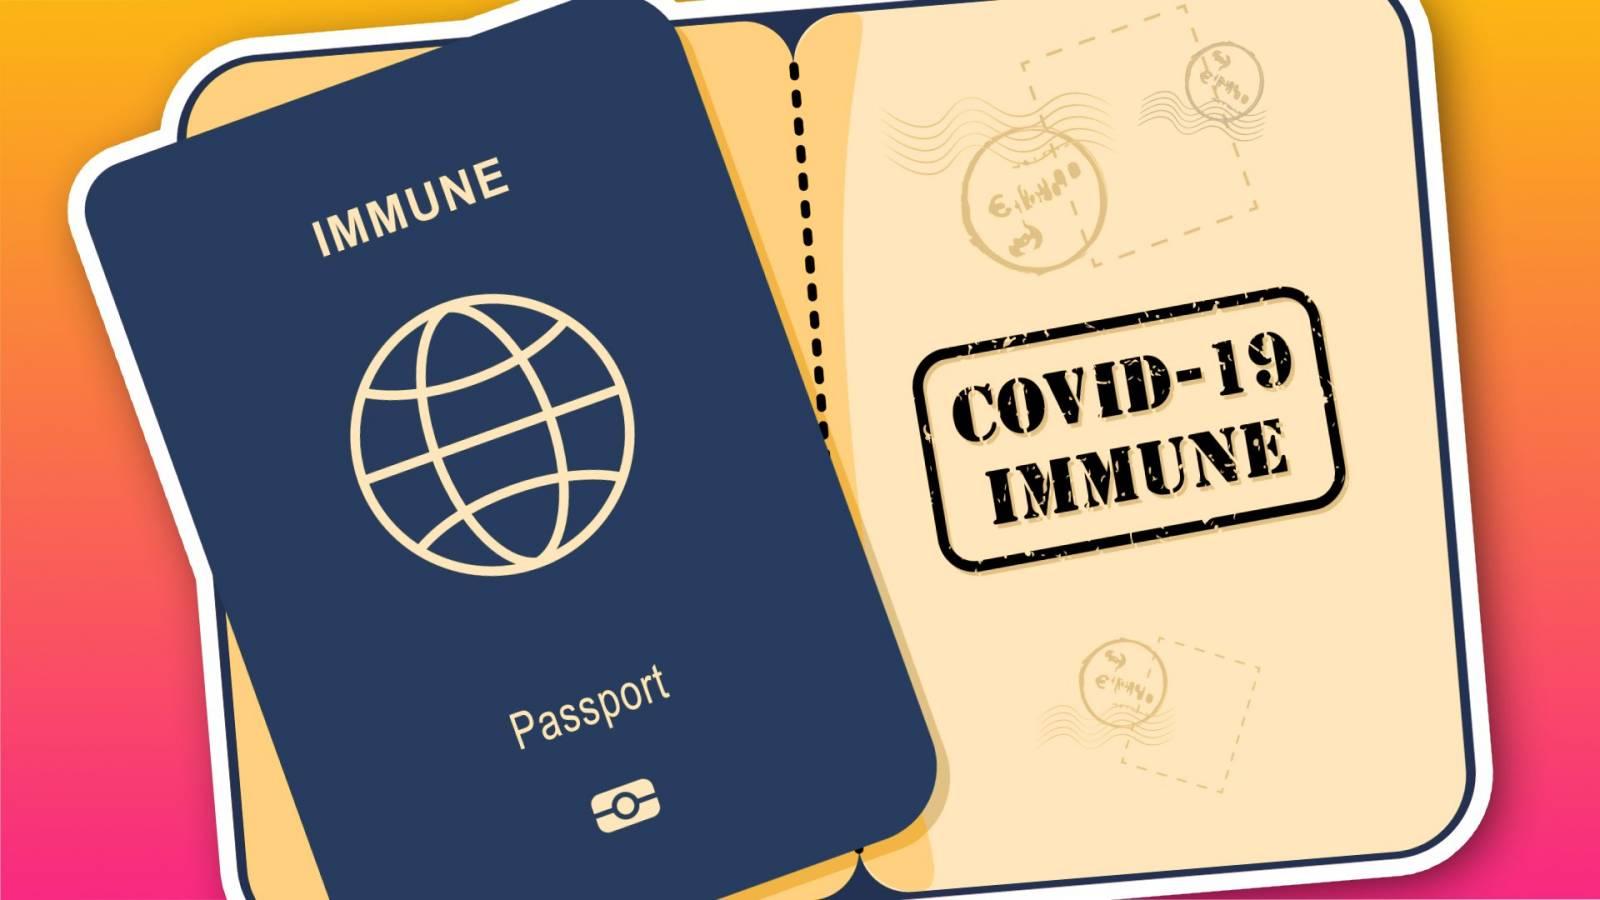 Parlamentul European a Adoptat Certificatele Digitale pentru Coronavirus